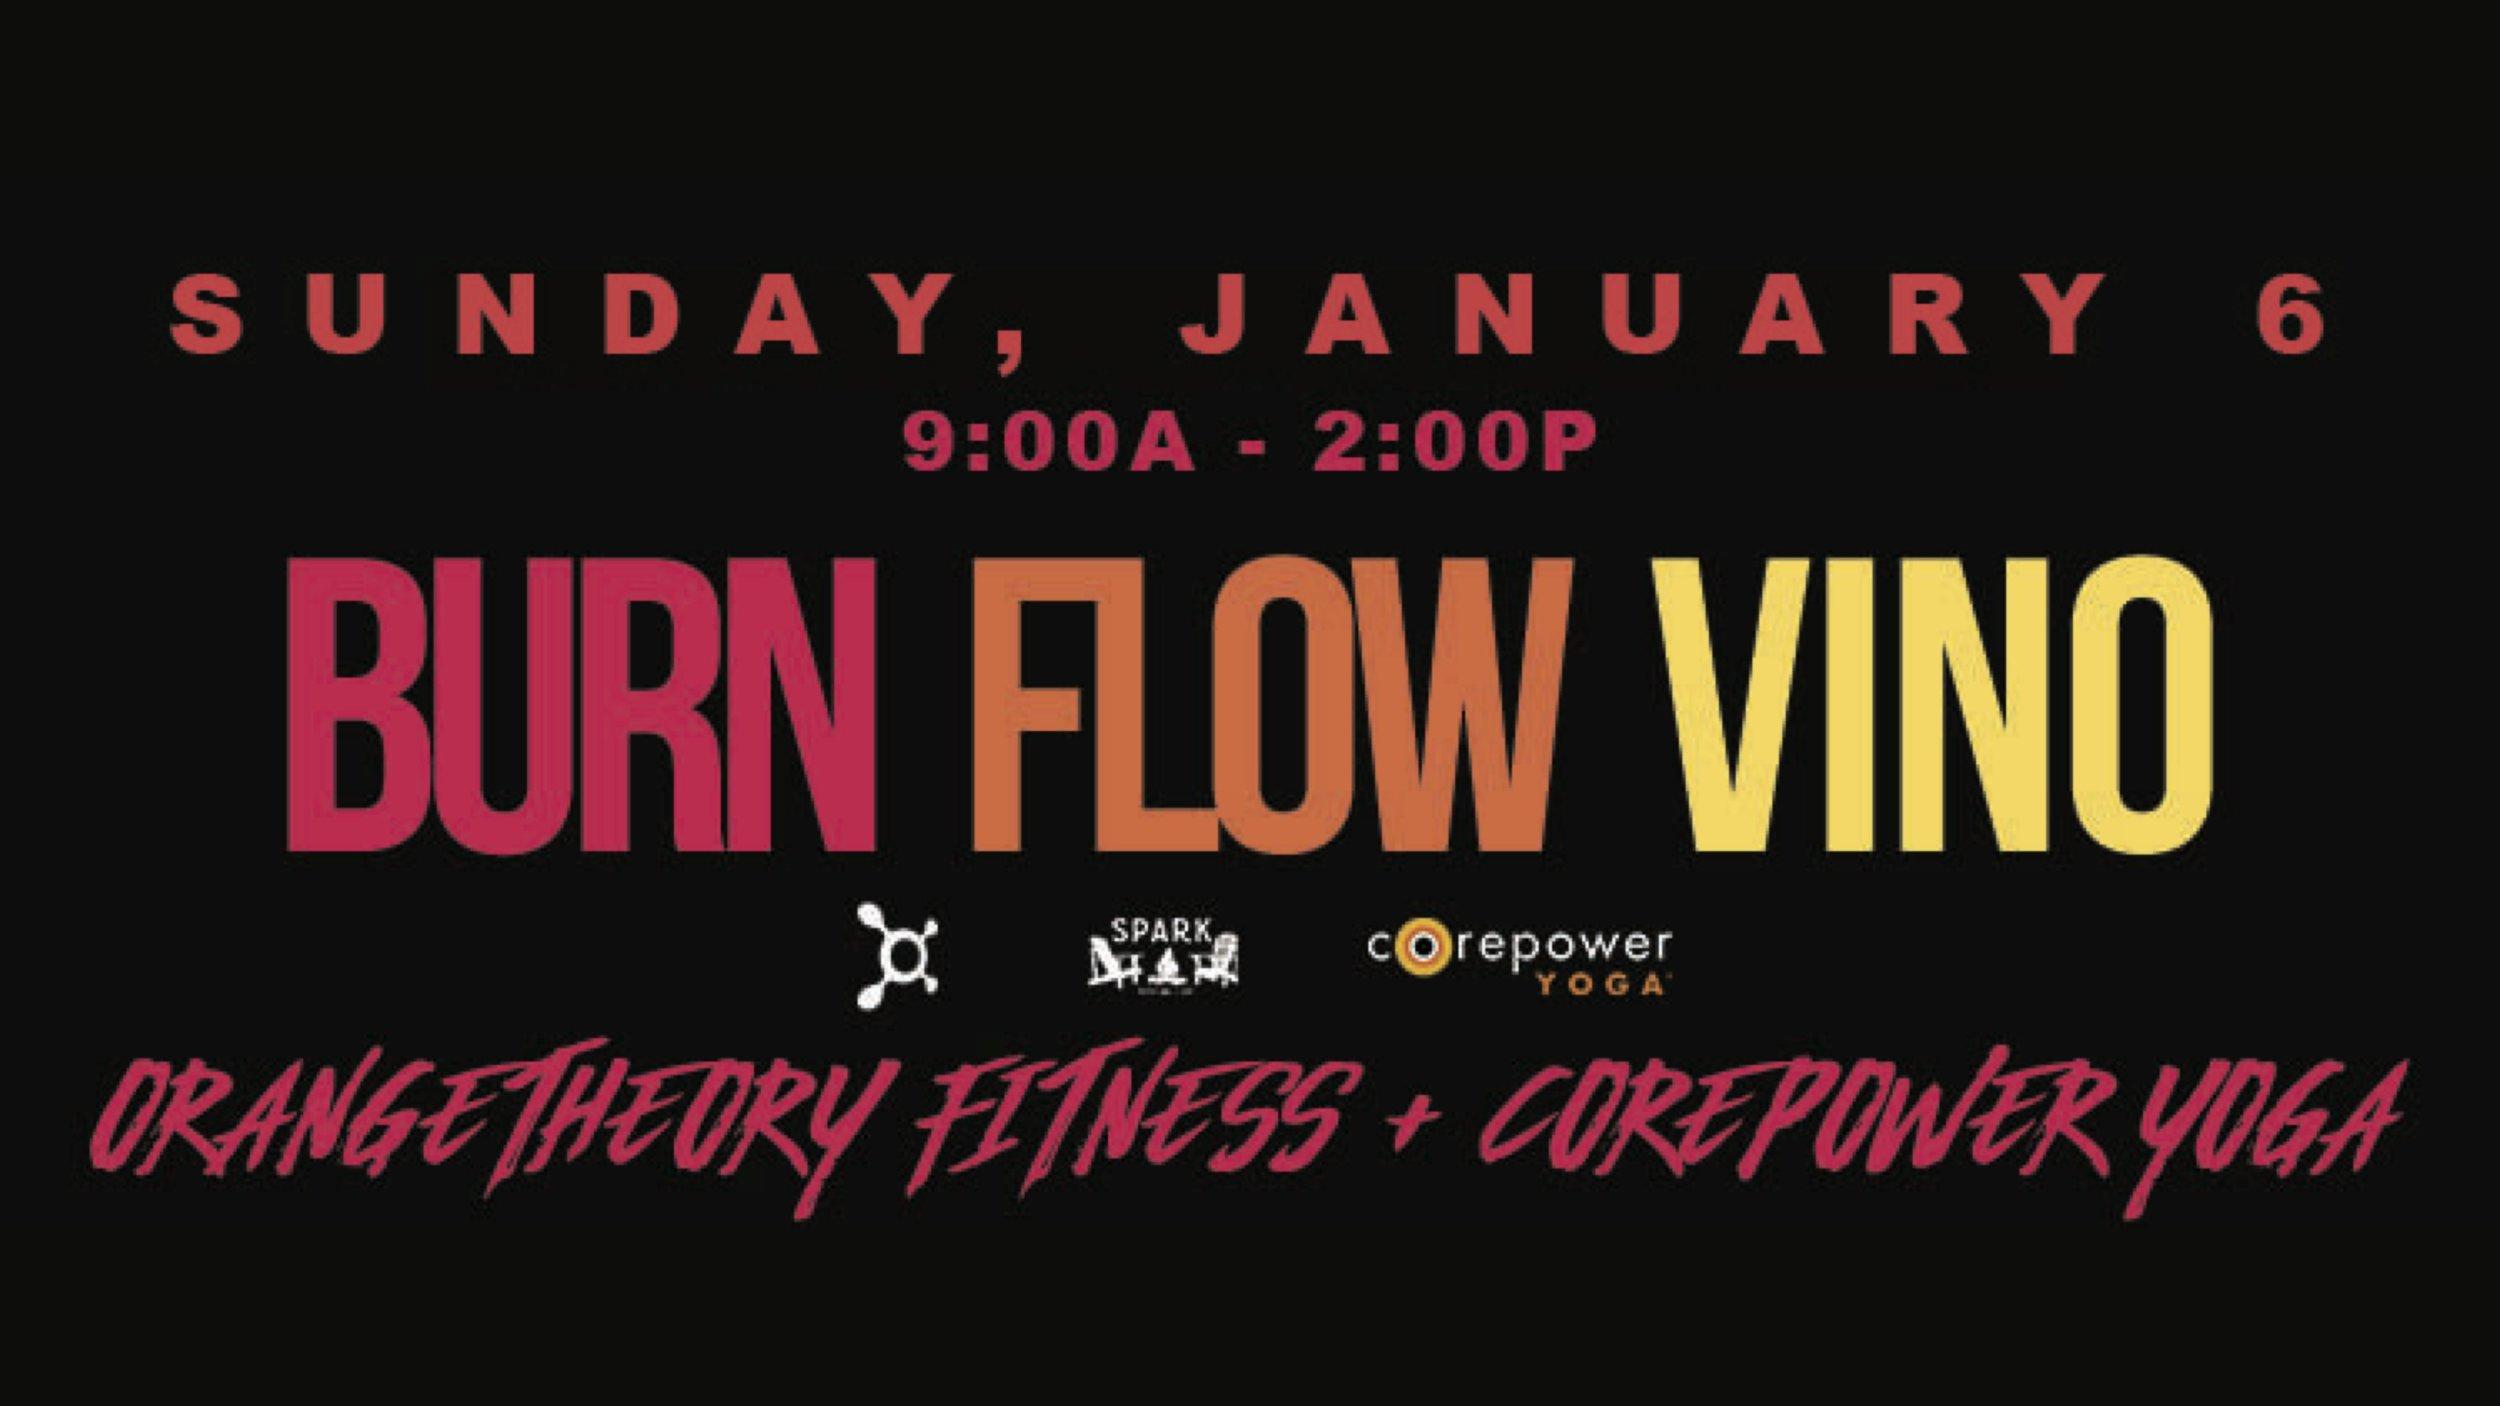 burnflowvino event cover.jpg